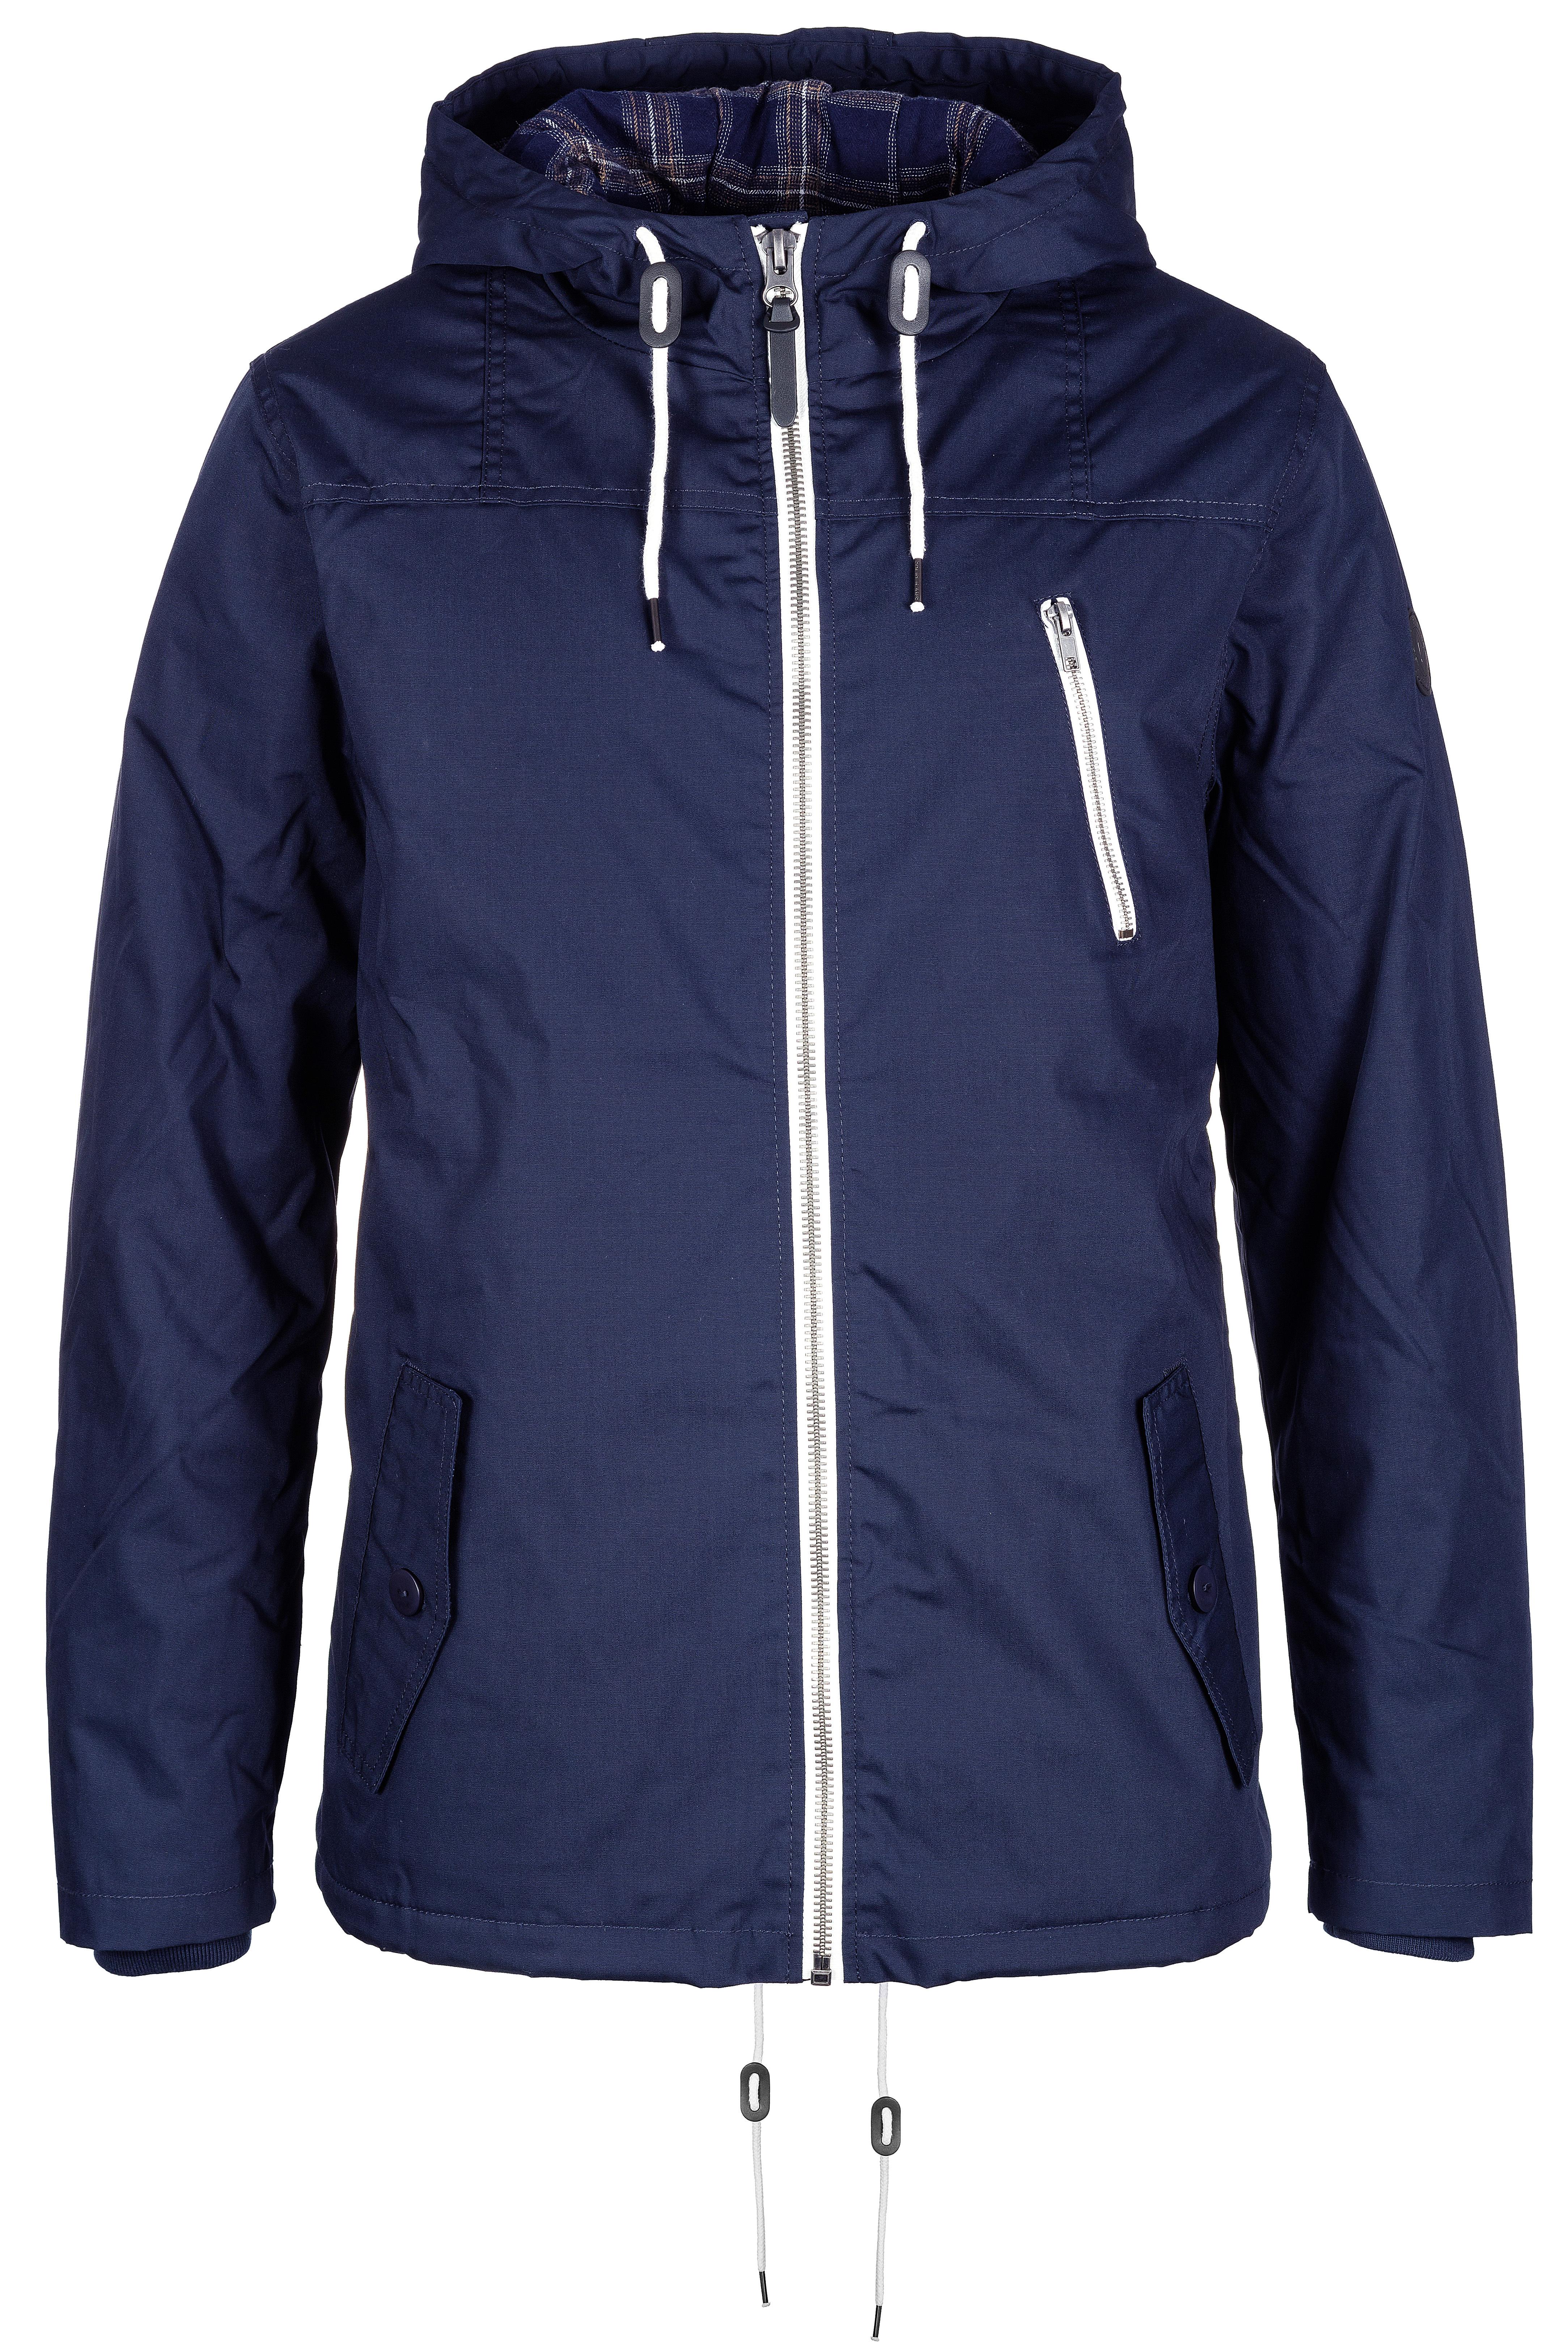 Custom made jackets (16)